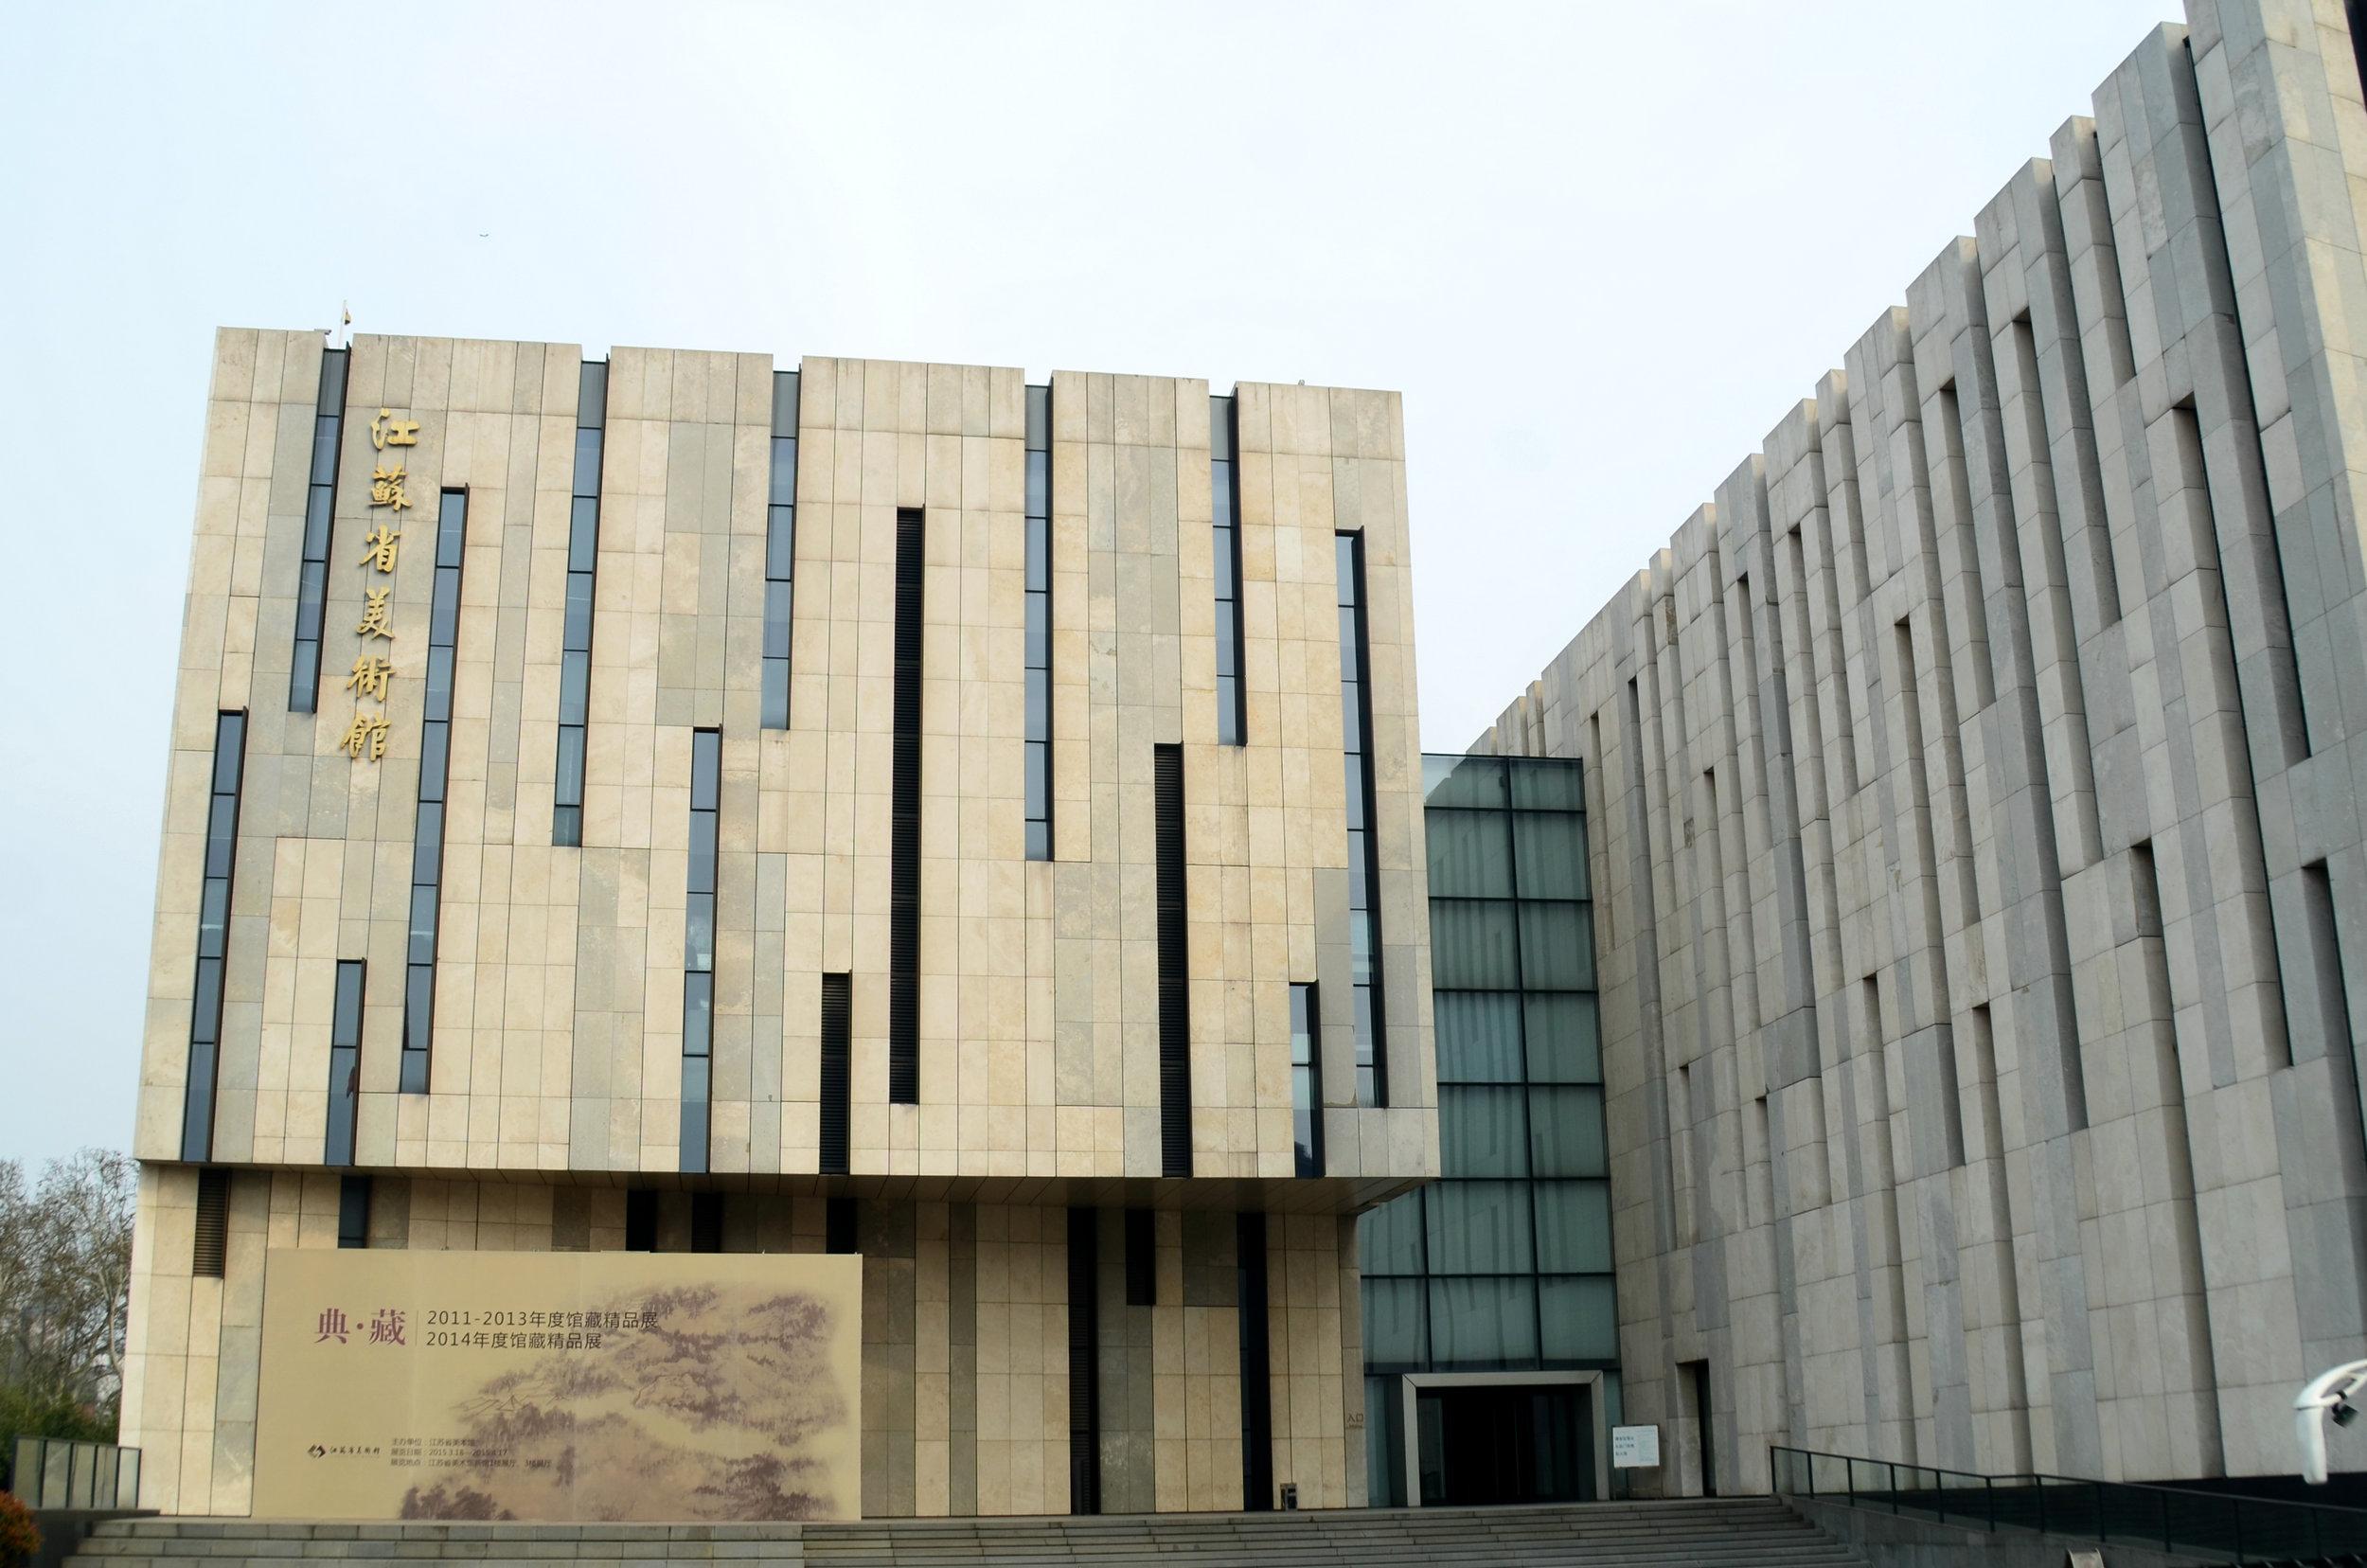 江苏美术馆是一处大型的艺术会展中心,经常举办名家画展.图片